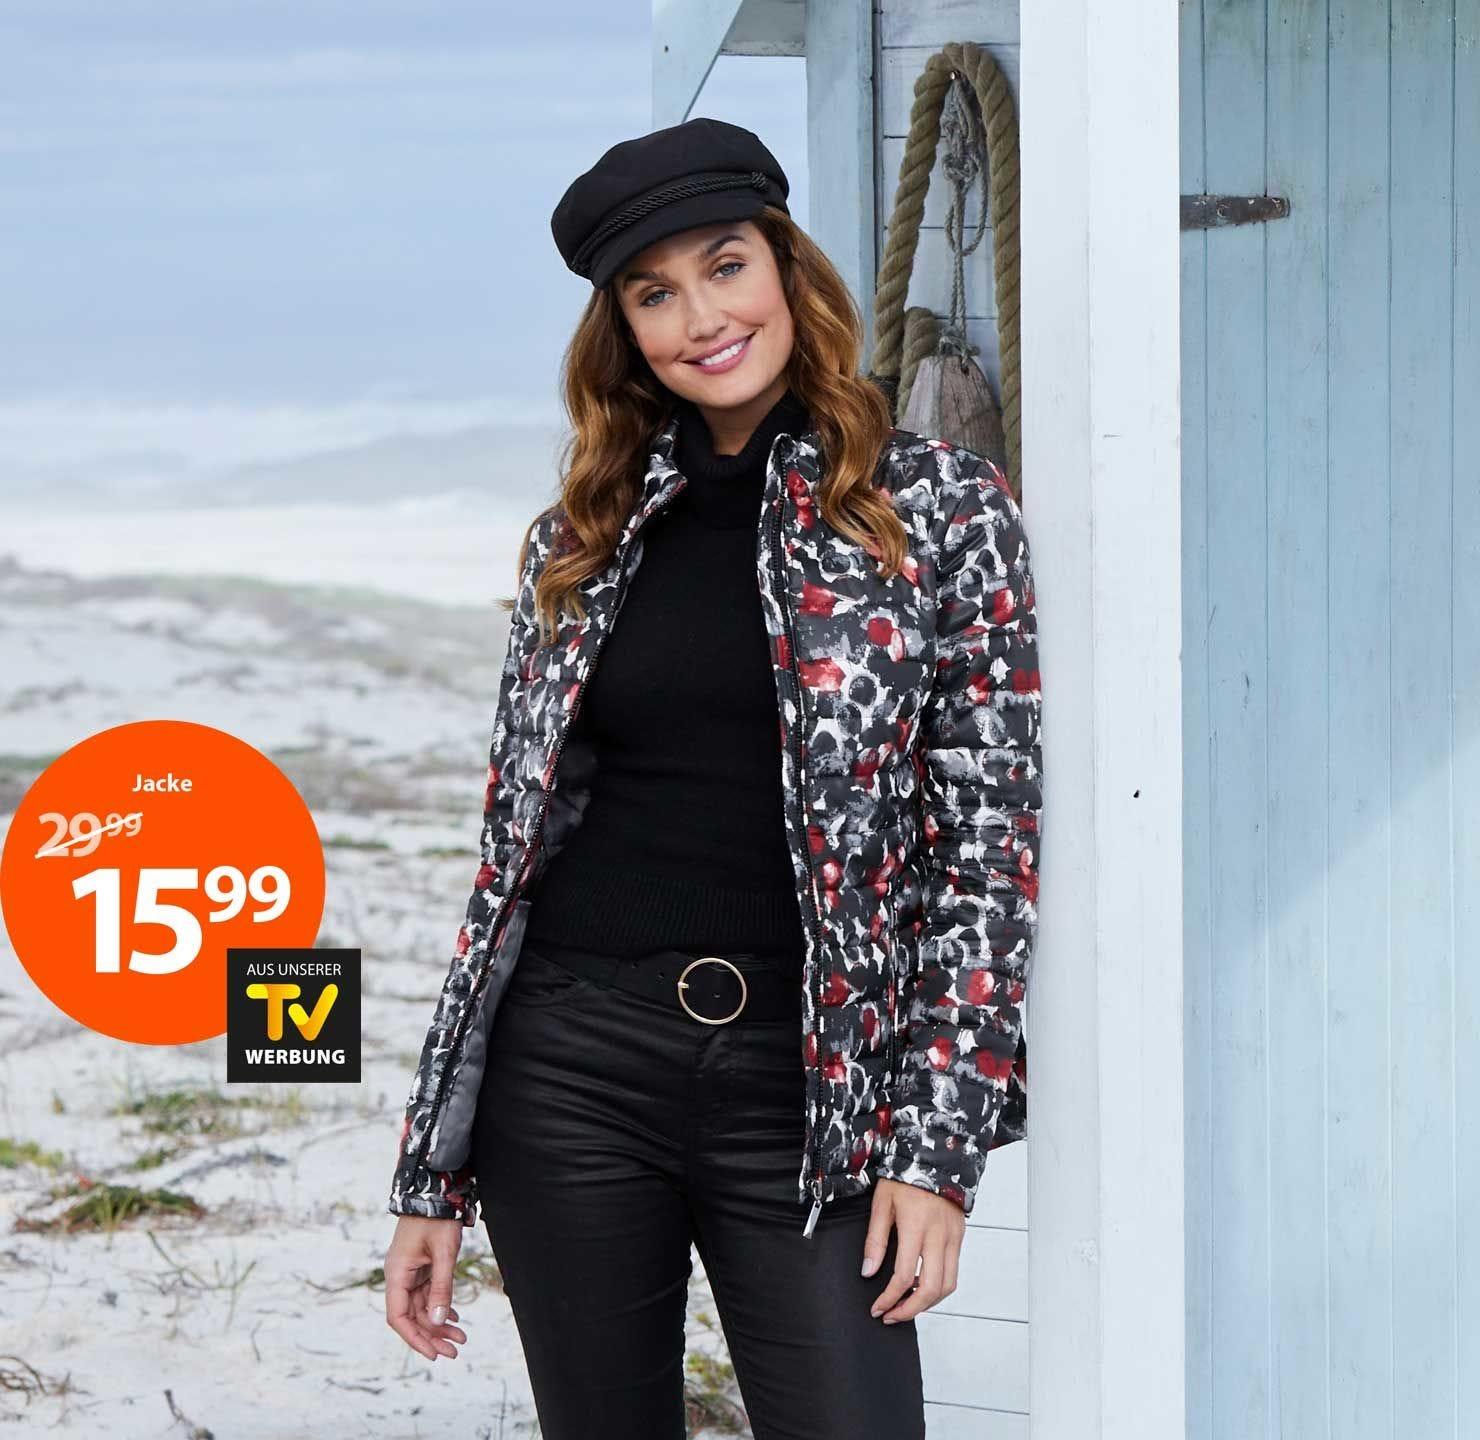 Frauen Stepp Jacke Werbeaktion Shop für Werbeaktion Frauen